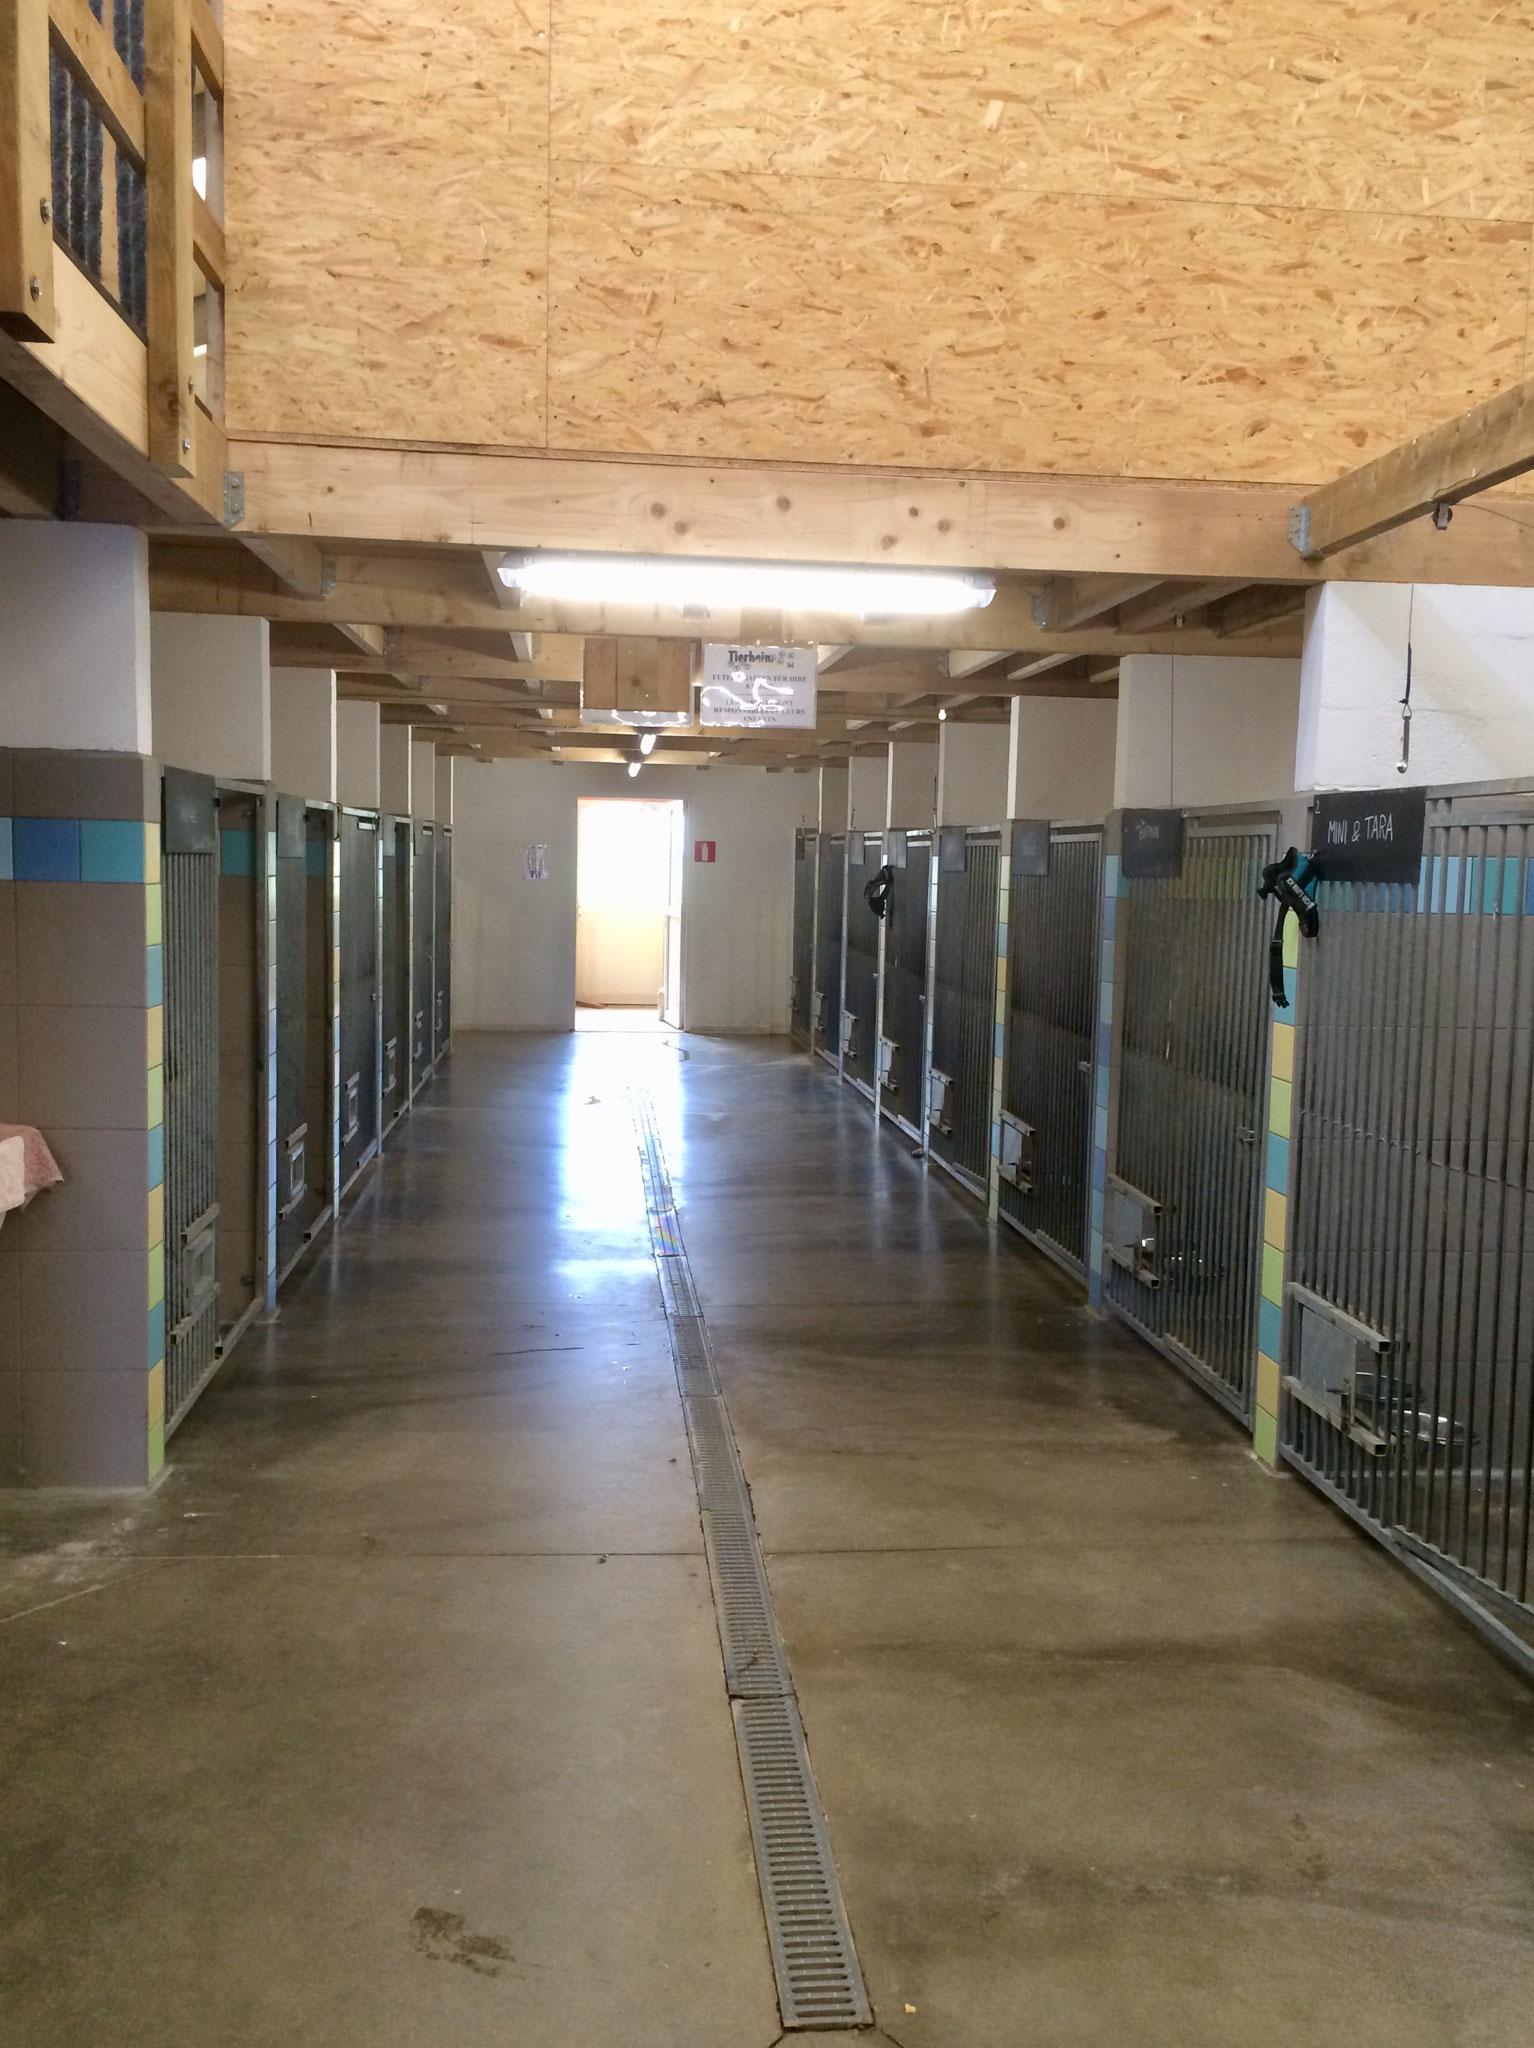 Neu gemauerte Zwinger. Vorher hatten wir Zwinger komplett aus Gittern. Diese gemauerten und gefliesten Zwinger sind leichter sauber zu halten und gleichzeitig ein guter Sichtschutz für die Hunde.